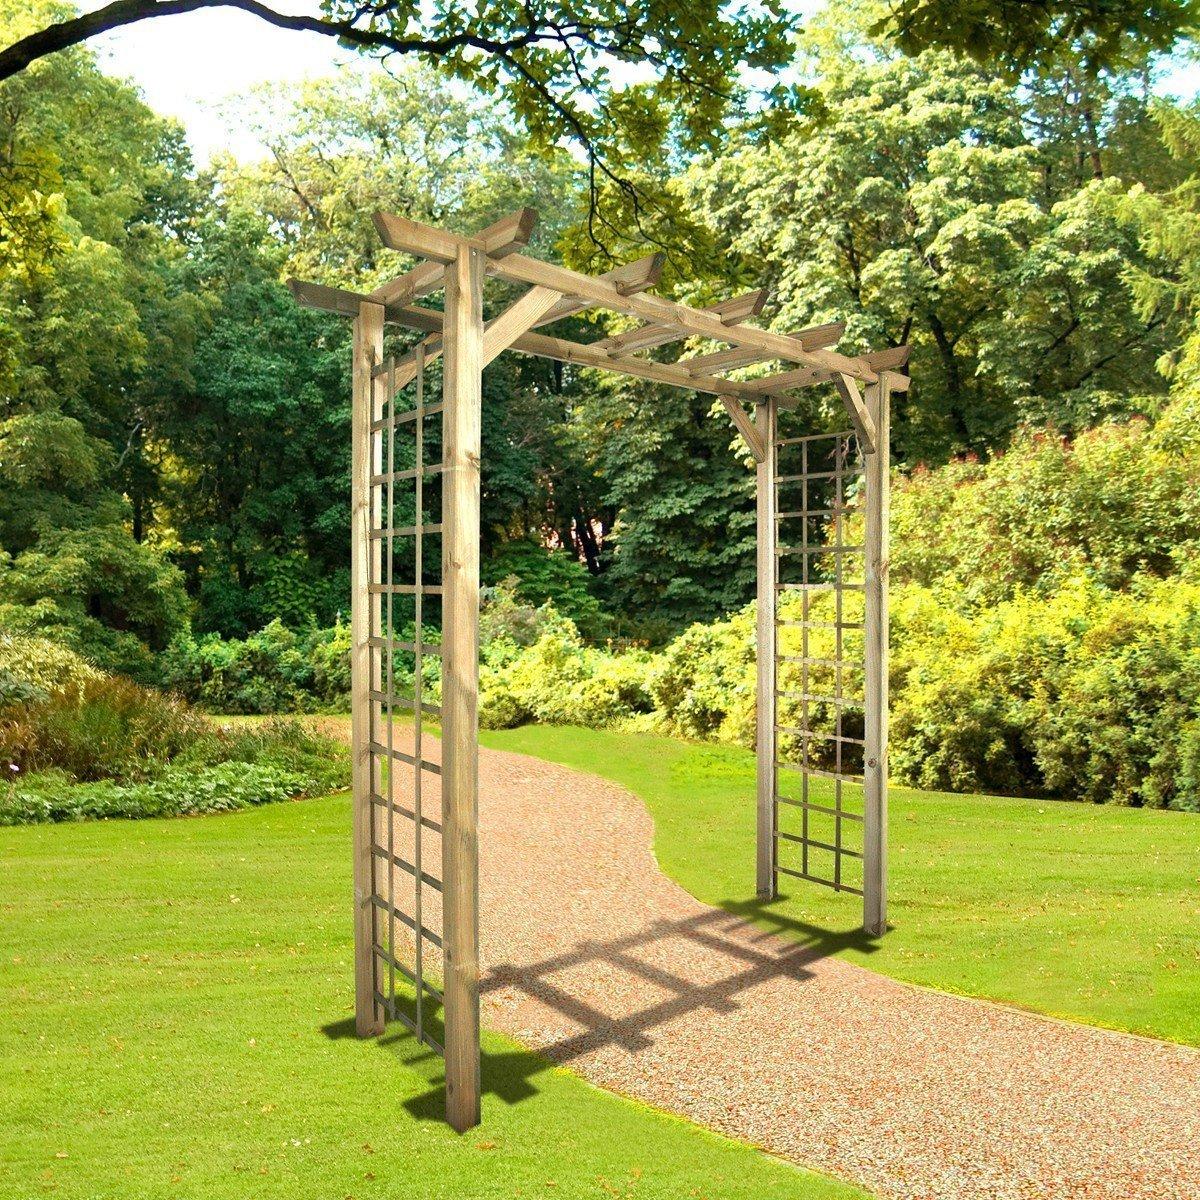 Arche De Jardin Jasmin Droite - Achat/vente De Décoration Du ... encequiconcerne Arche De Jardin Pas Cher